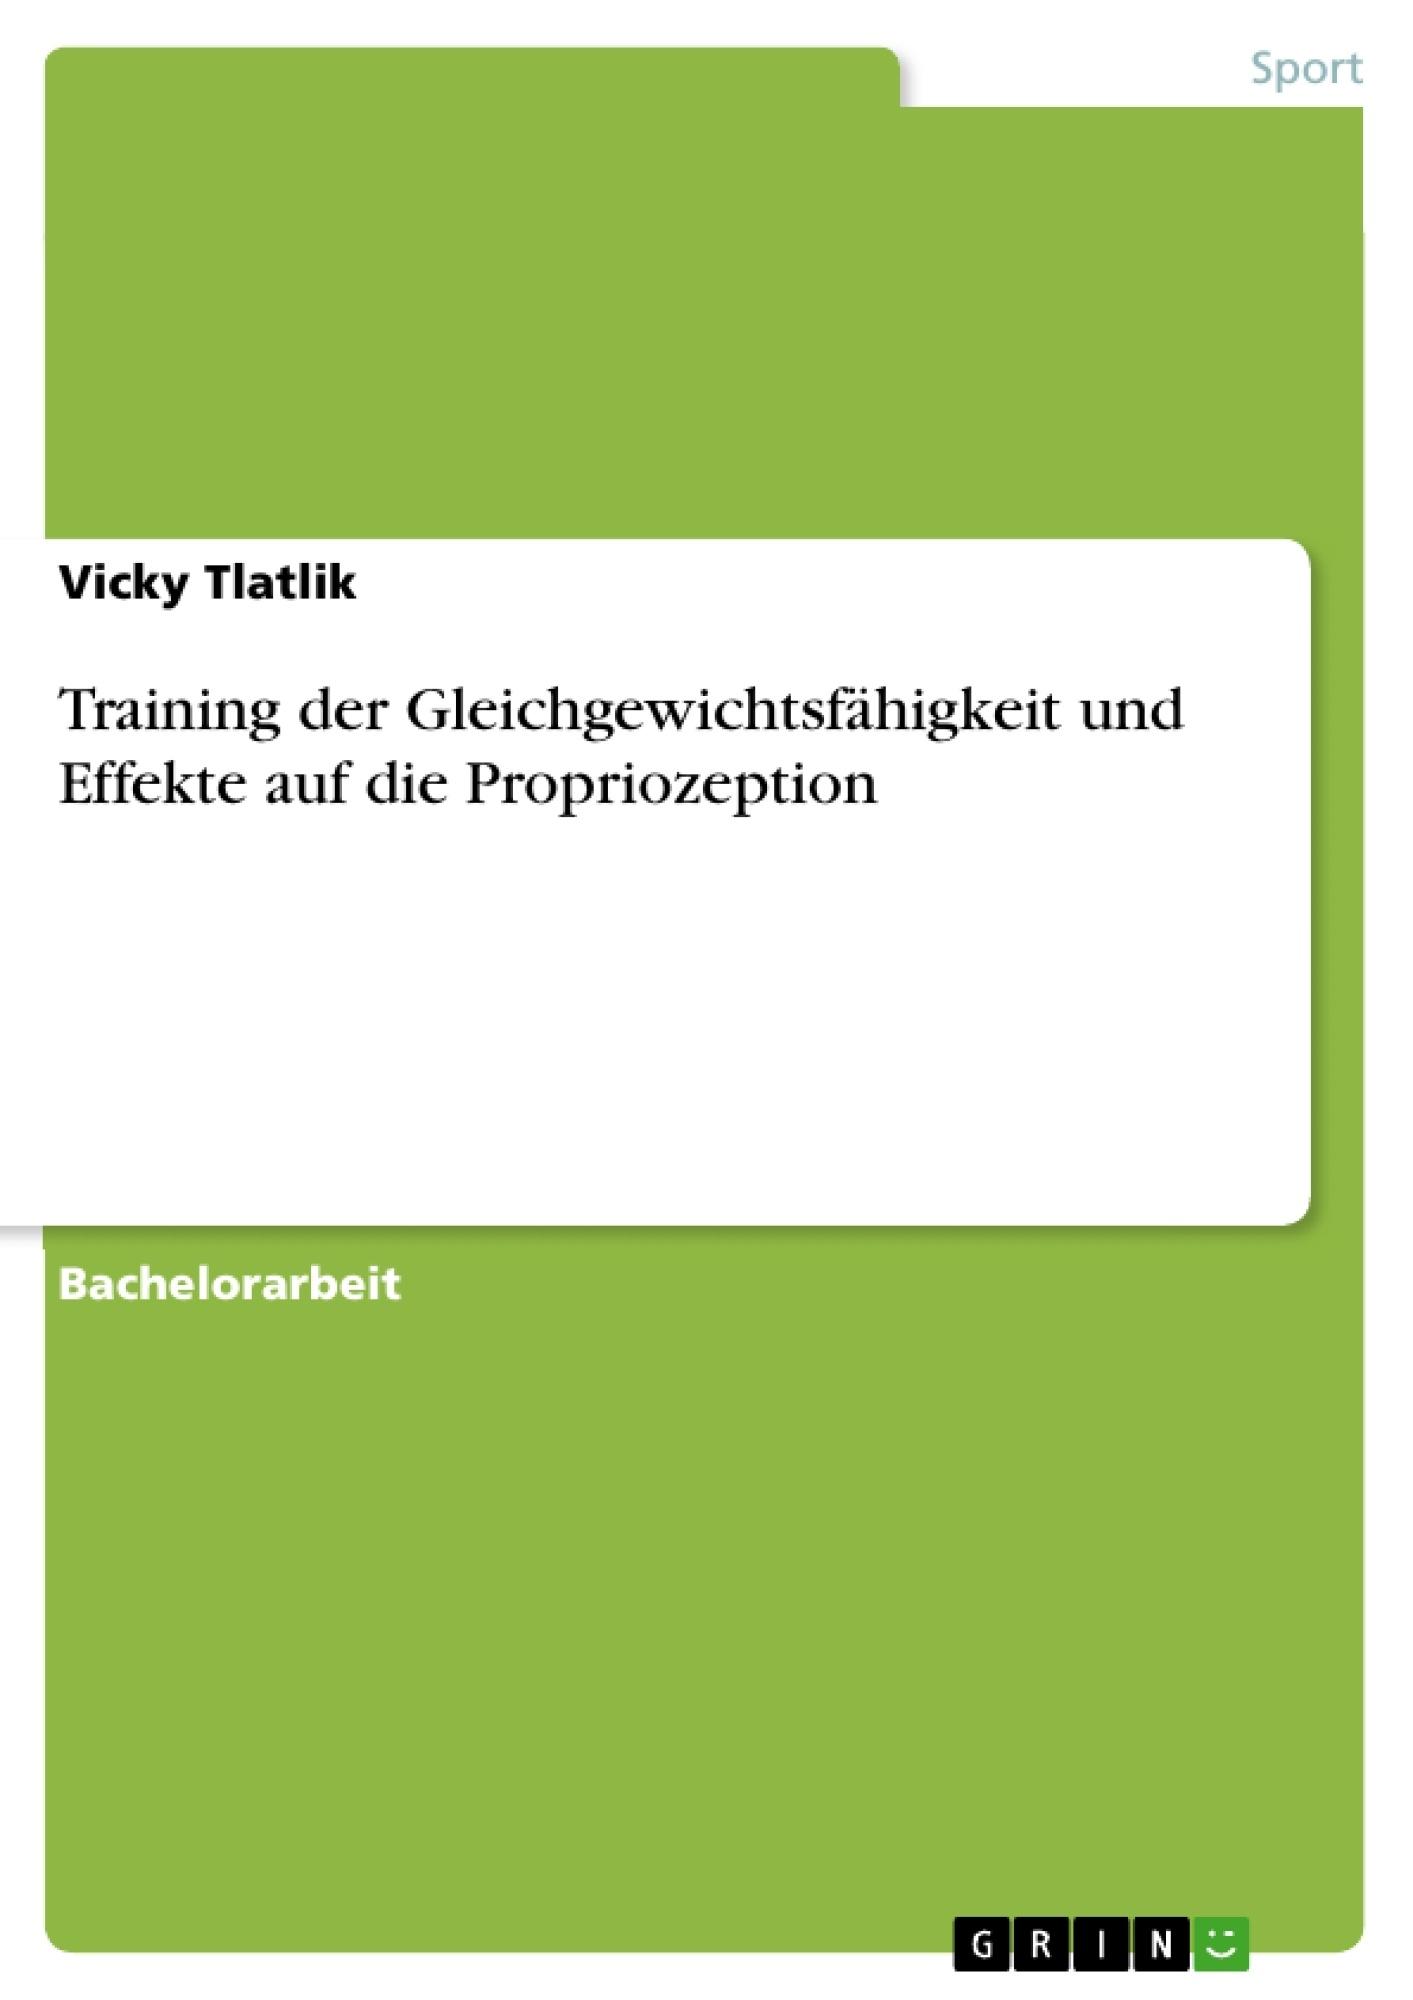 Titel: Training der Gleichgewichtsfähigkeit und Effekte auf die Propriozeption